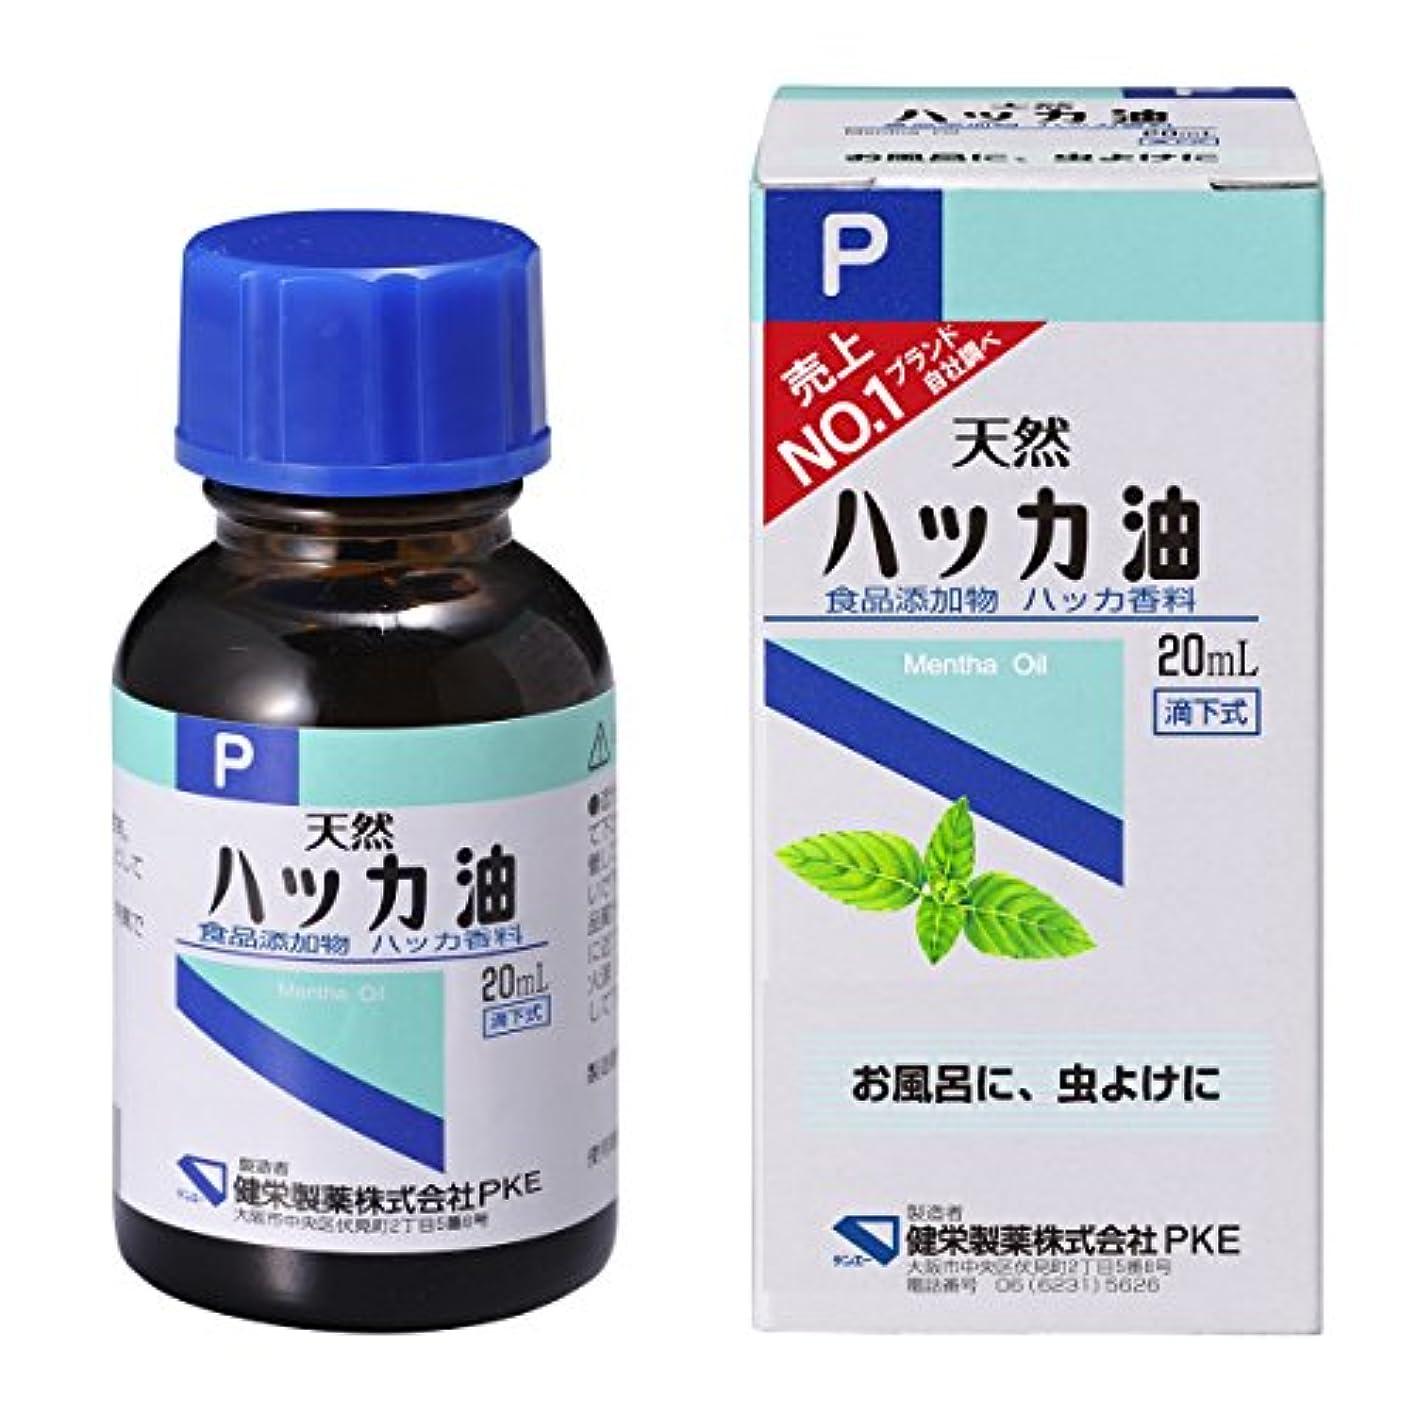 単調な寸法宙返り【食品添加物】ハッカ油P 20ml(アロマ?お風呂?虫よけ)